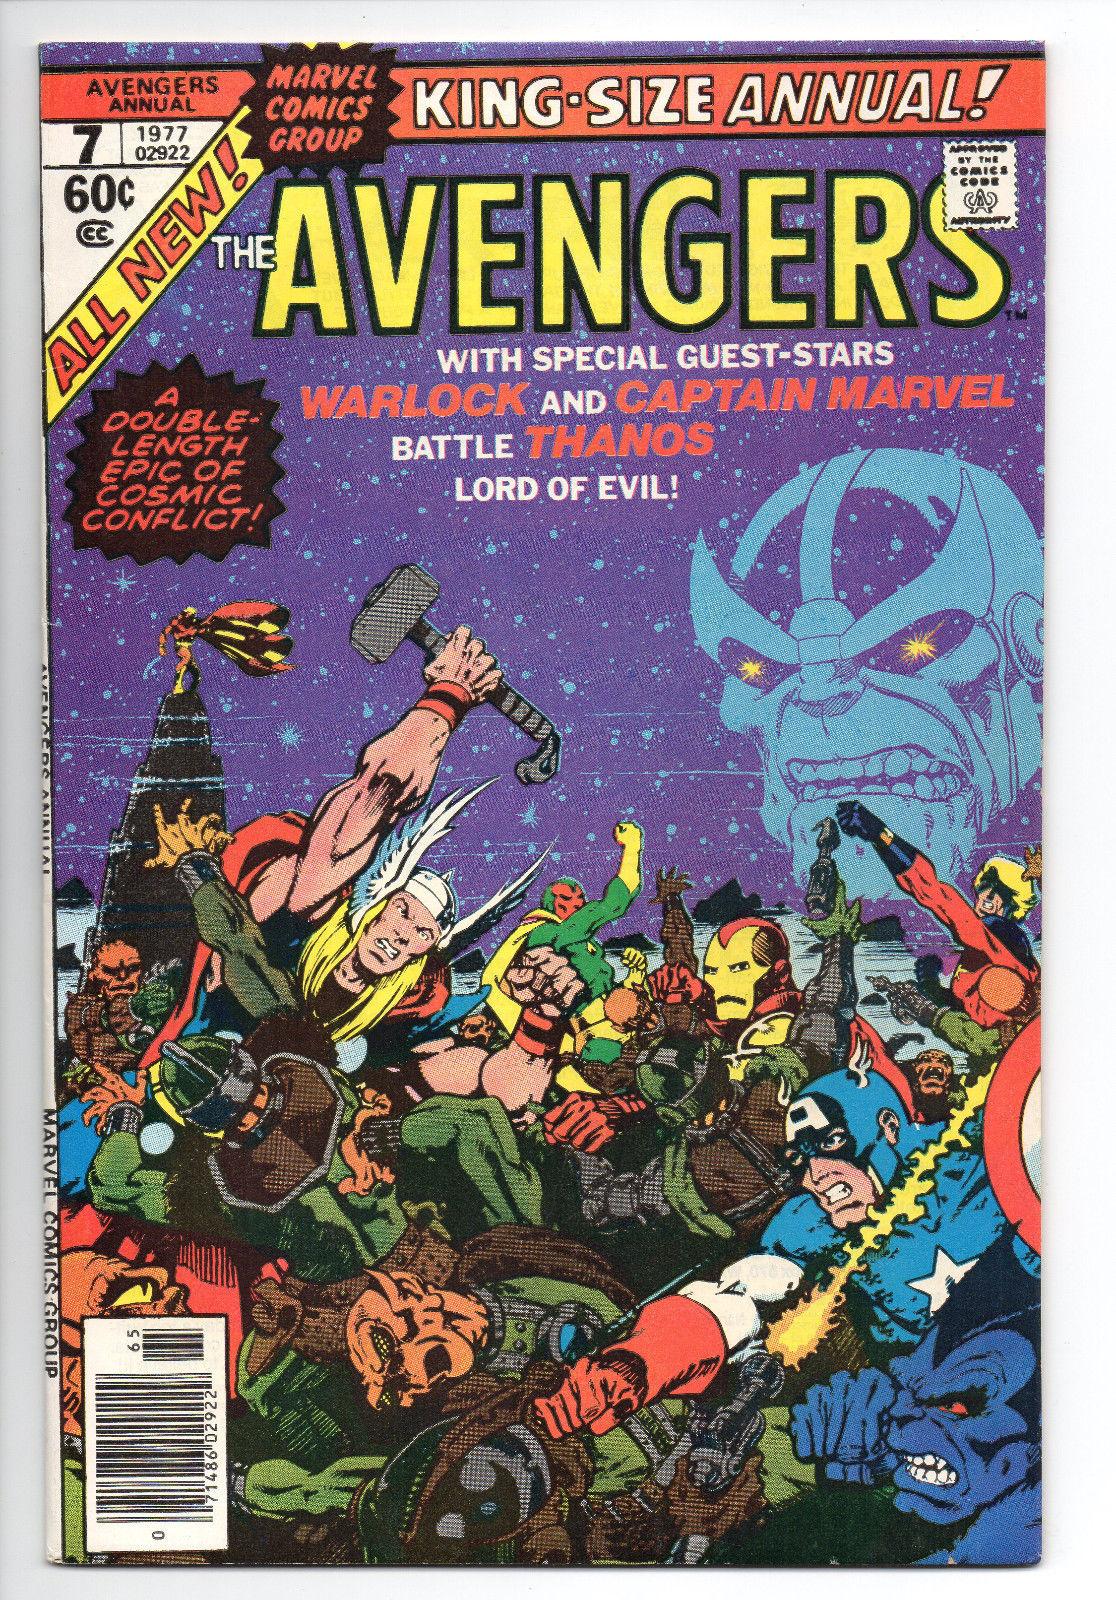 Avengers Annual #7 NM- / 9.2 - Avengers vs. Thanos - Avengers Movie 4/27